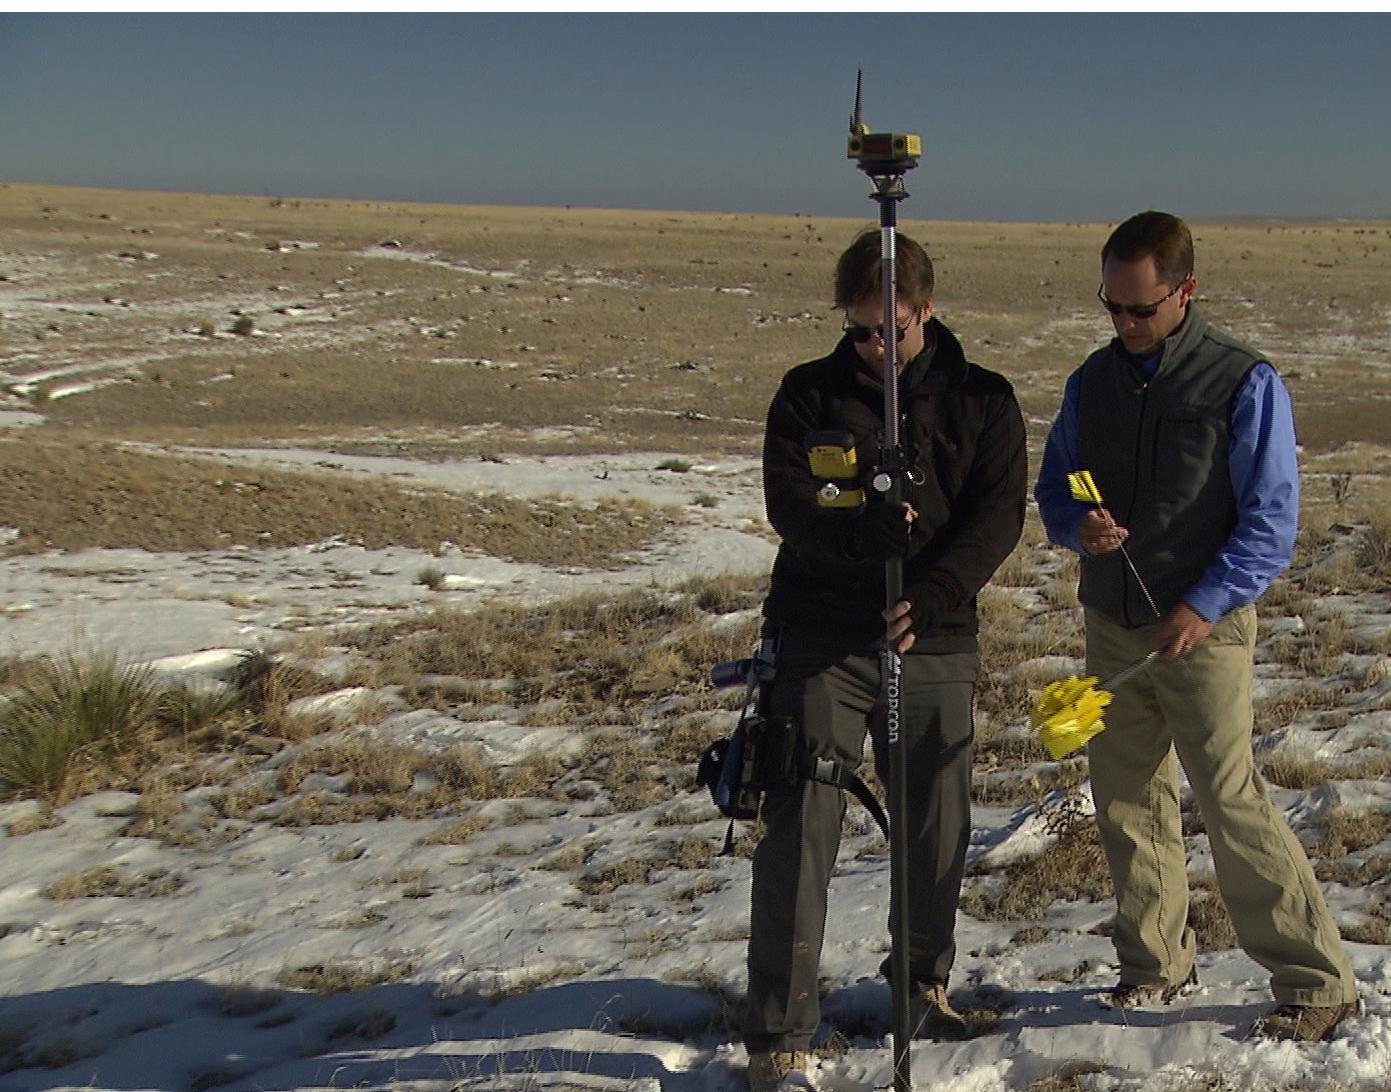 Scott Langbein z Topcona pokazuje Benowi McGee obsługę IS-3